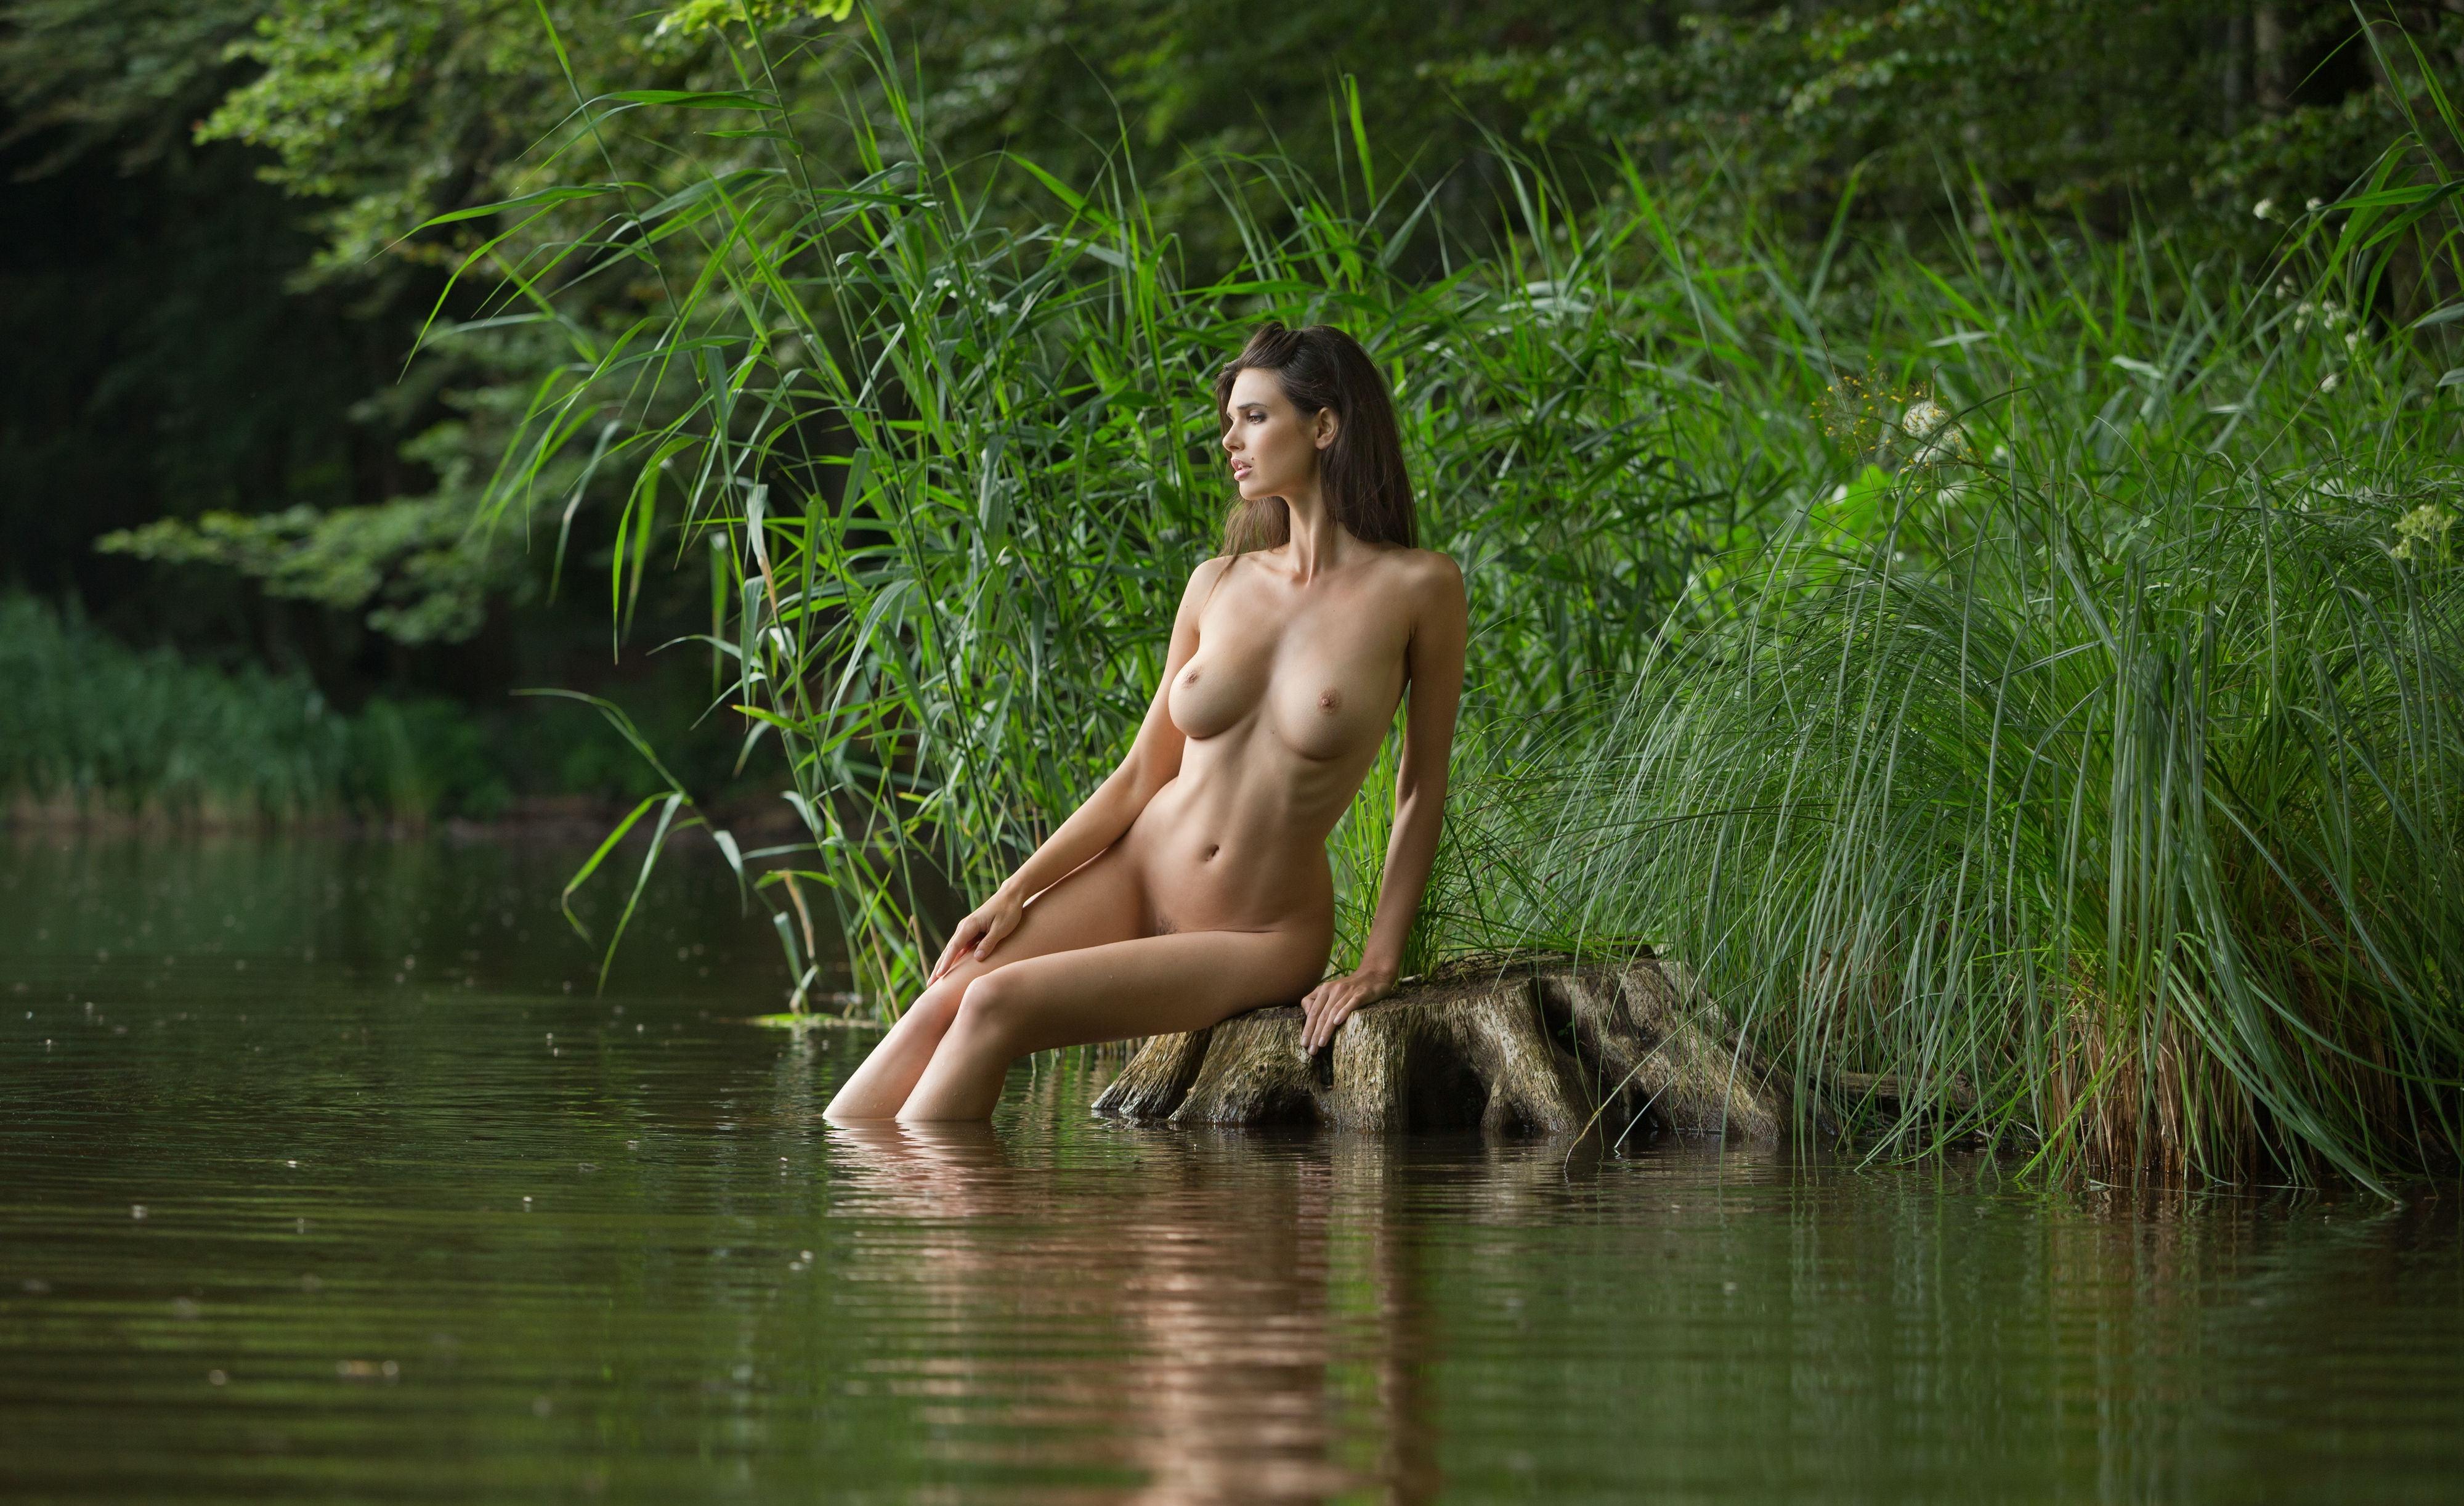 Девушка Озеро Обнаженная